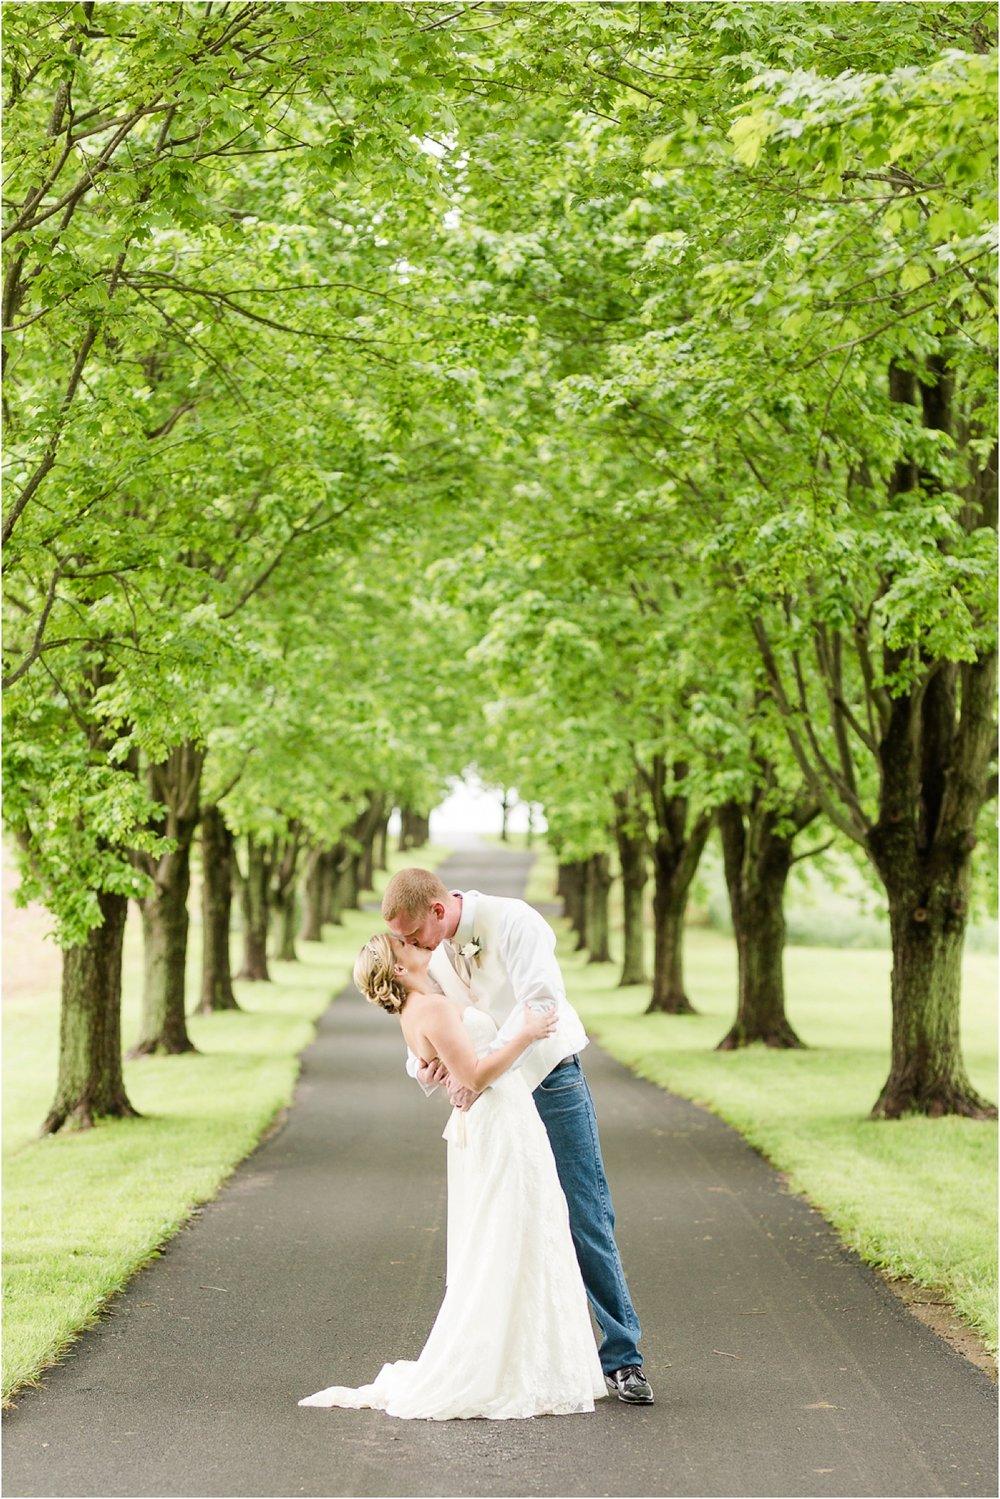 Royer-House-Wedding-Photos-67.jpg